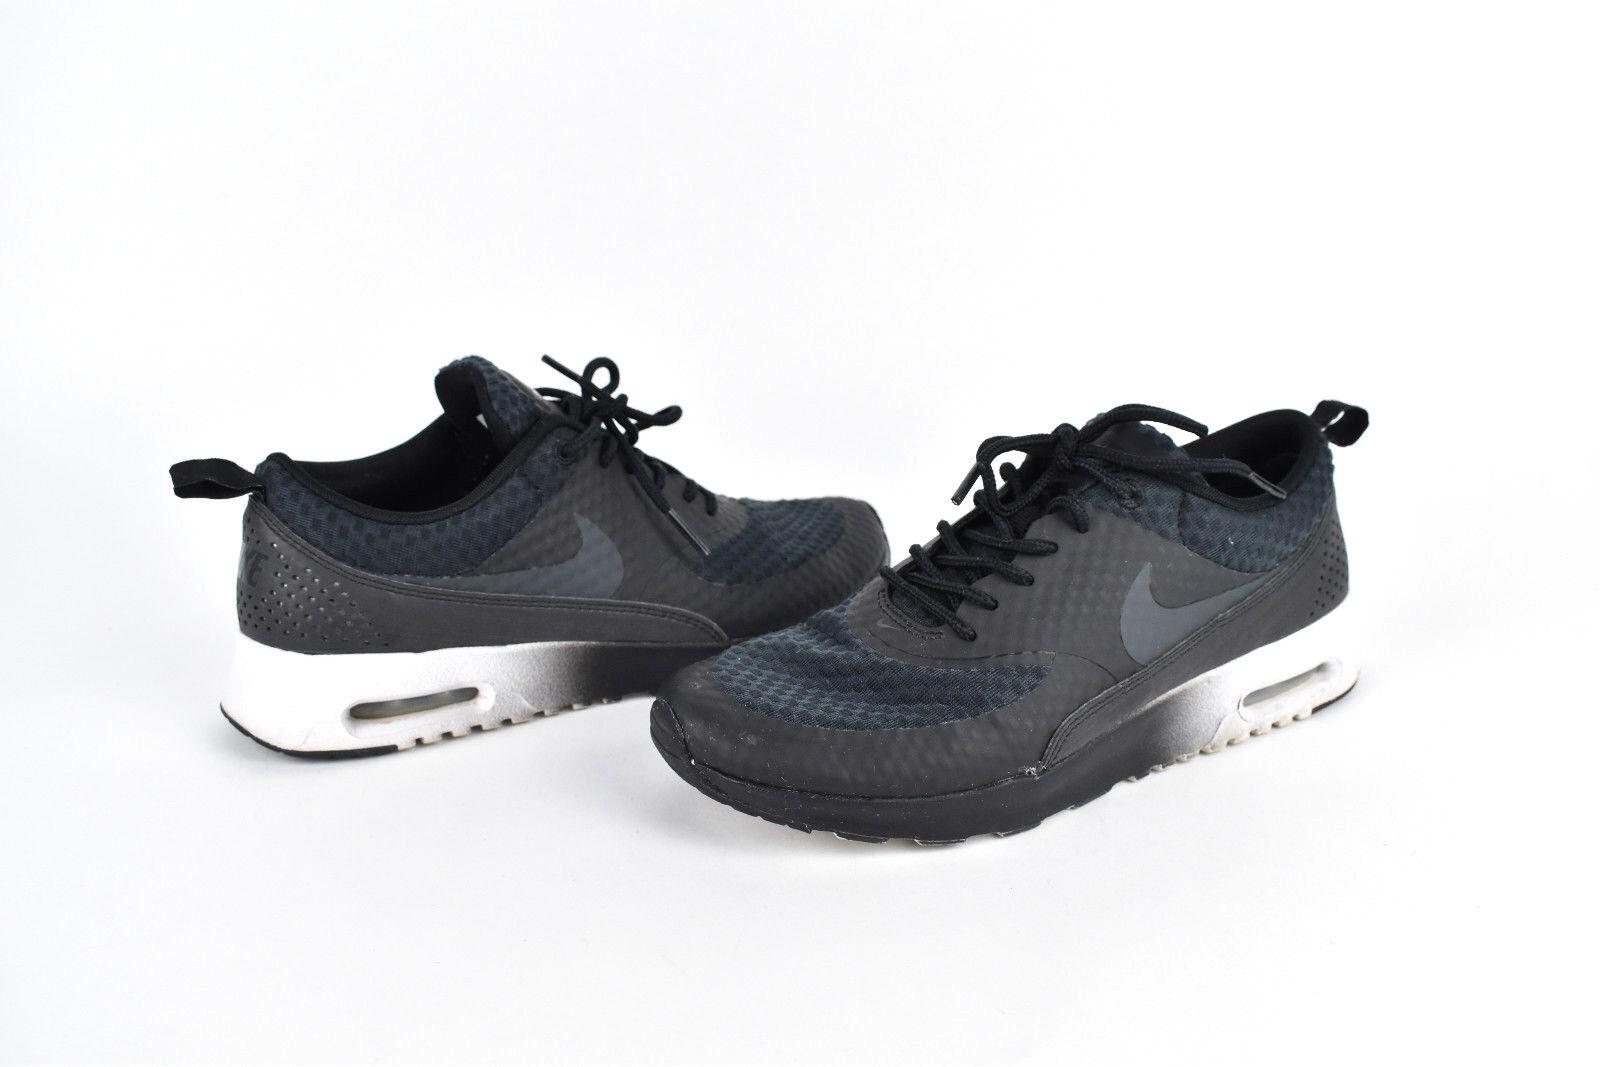 nike noir air max thea femmes est noir nike anthracite Blanc 616723-005  chaussures taille 866eafa04ead